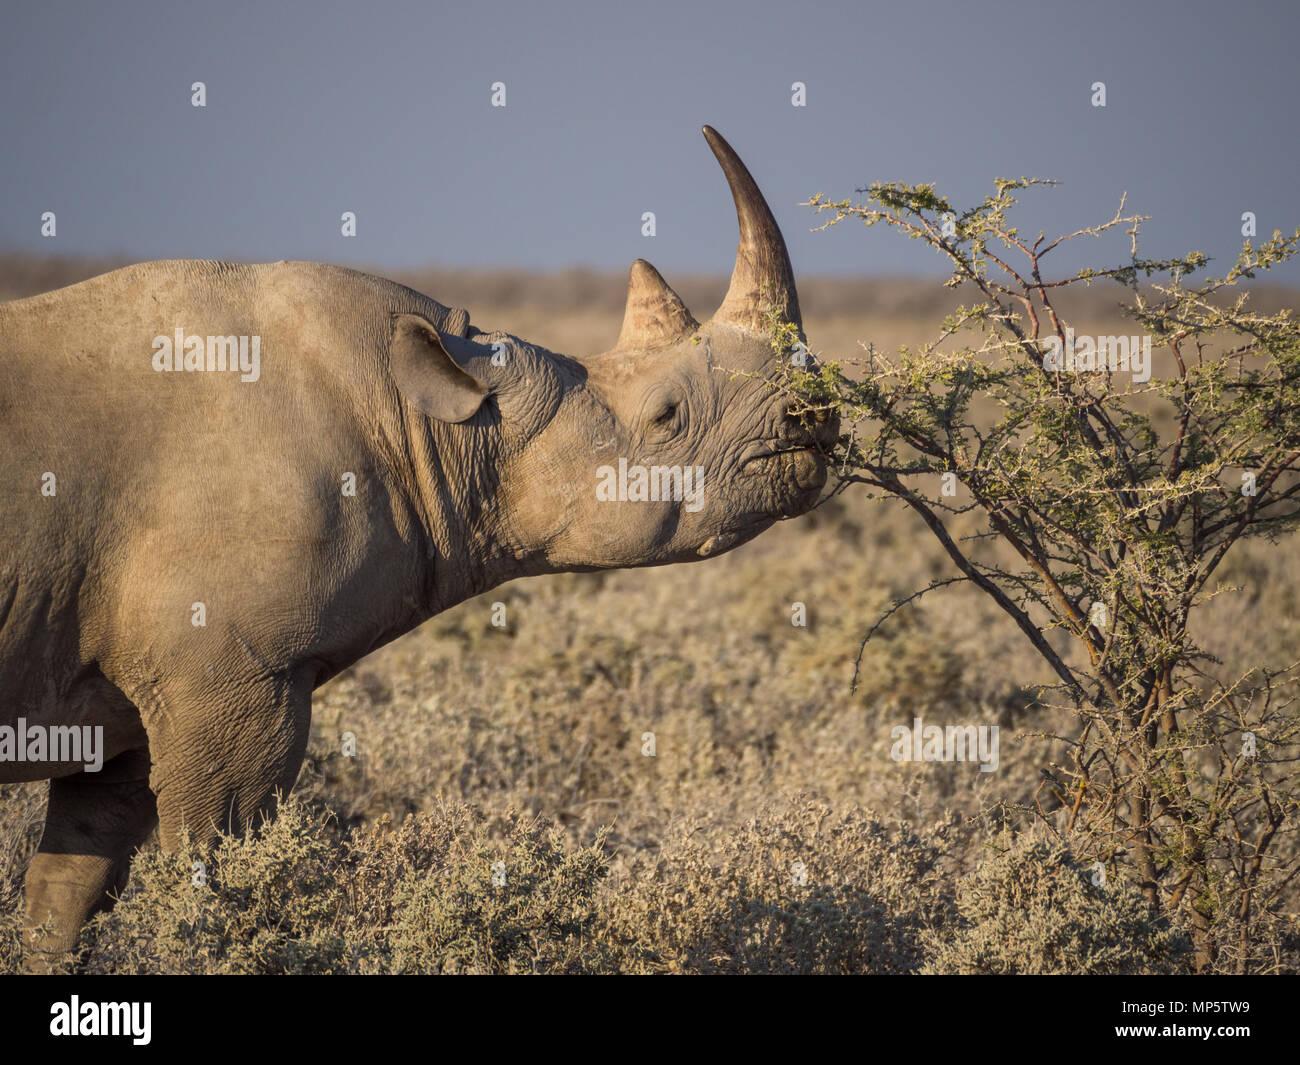 Portrait de grand rhinocéros noir en voie de disparition se nourrit de petits bush dans le parc national d'Etosha, Namibie, Afrique Photo Stock